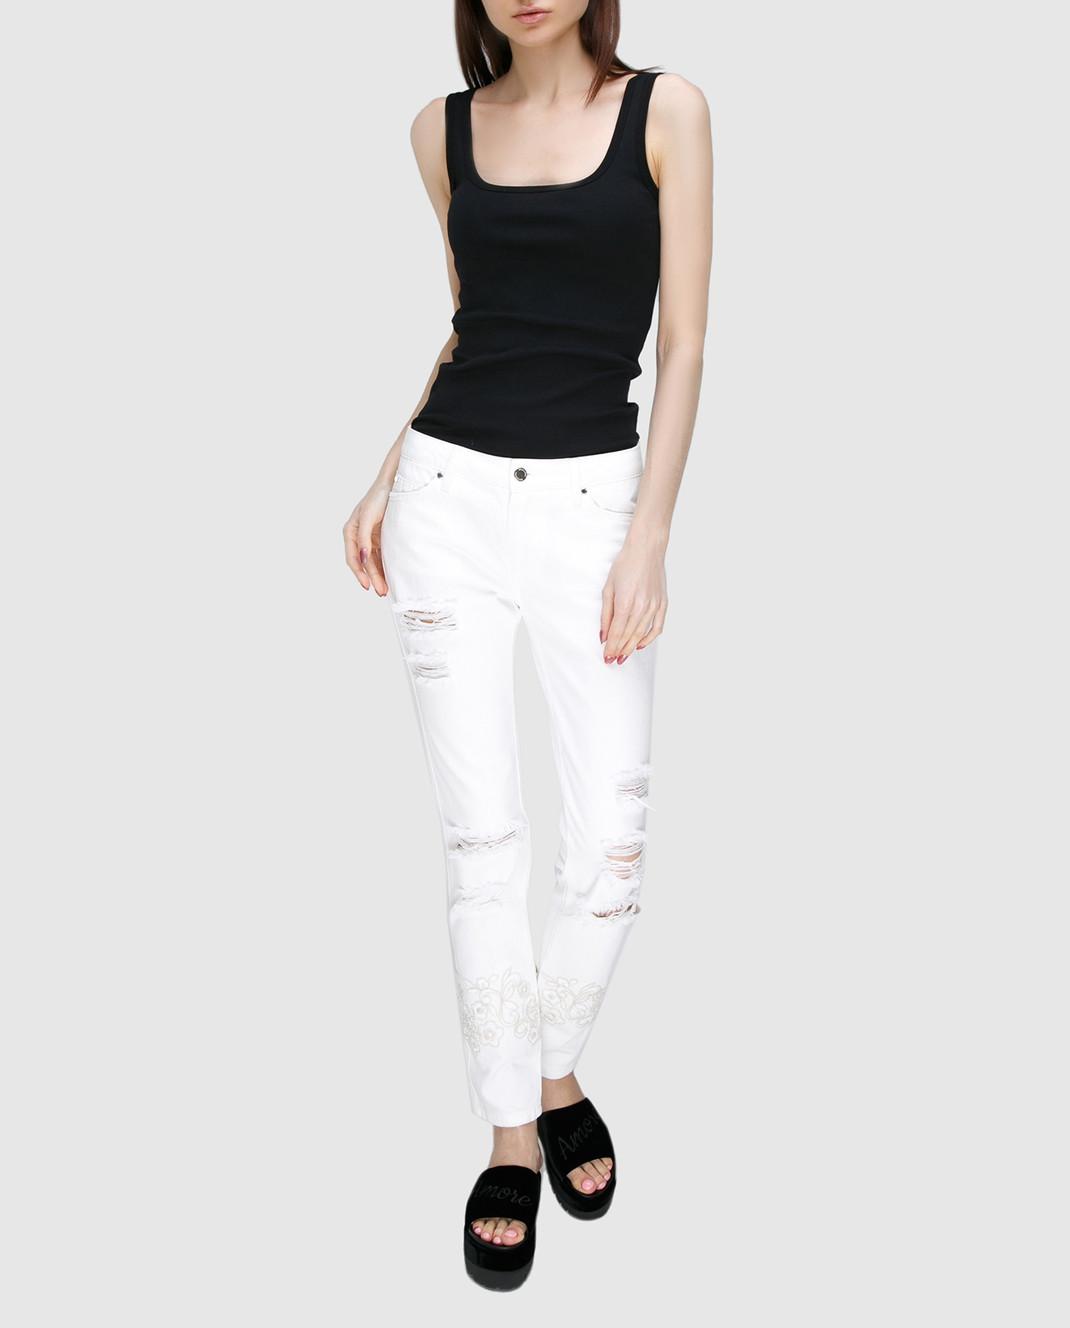 Ermanno Белые джинсы JL09 изображение 2